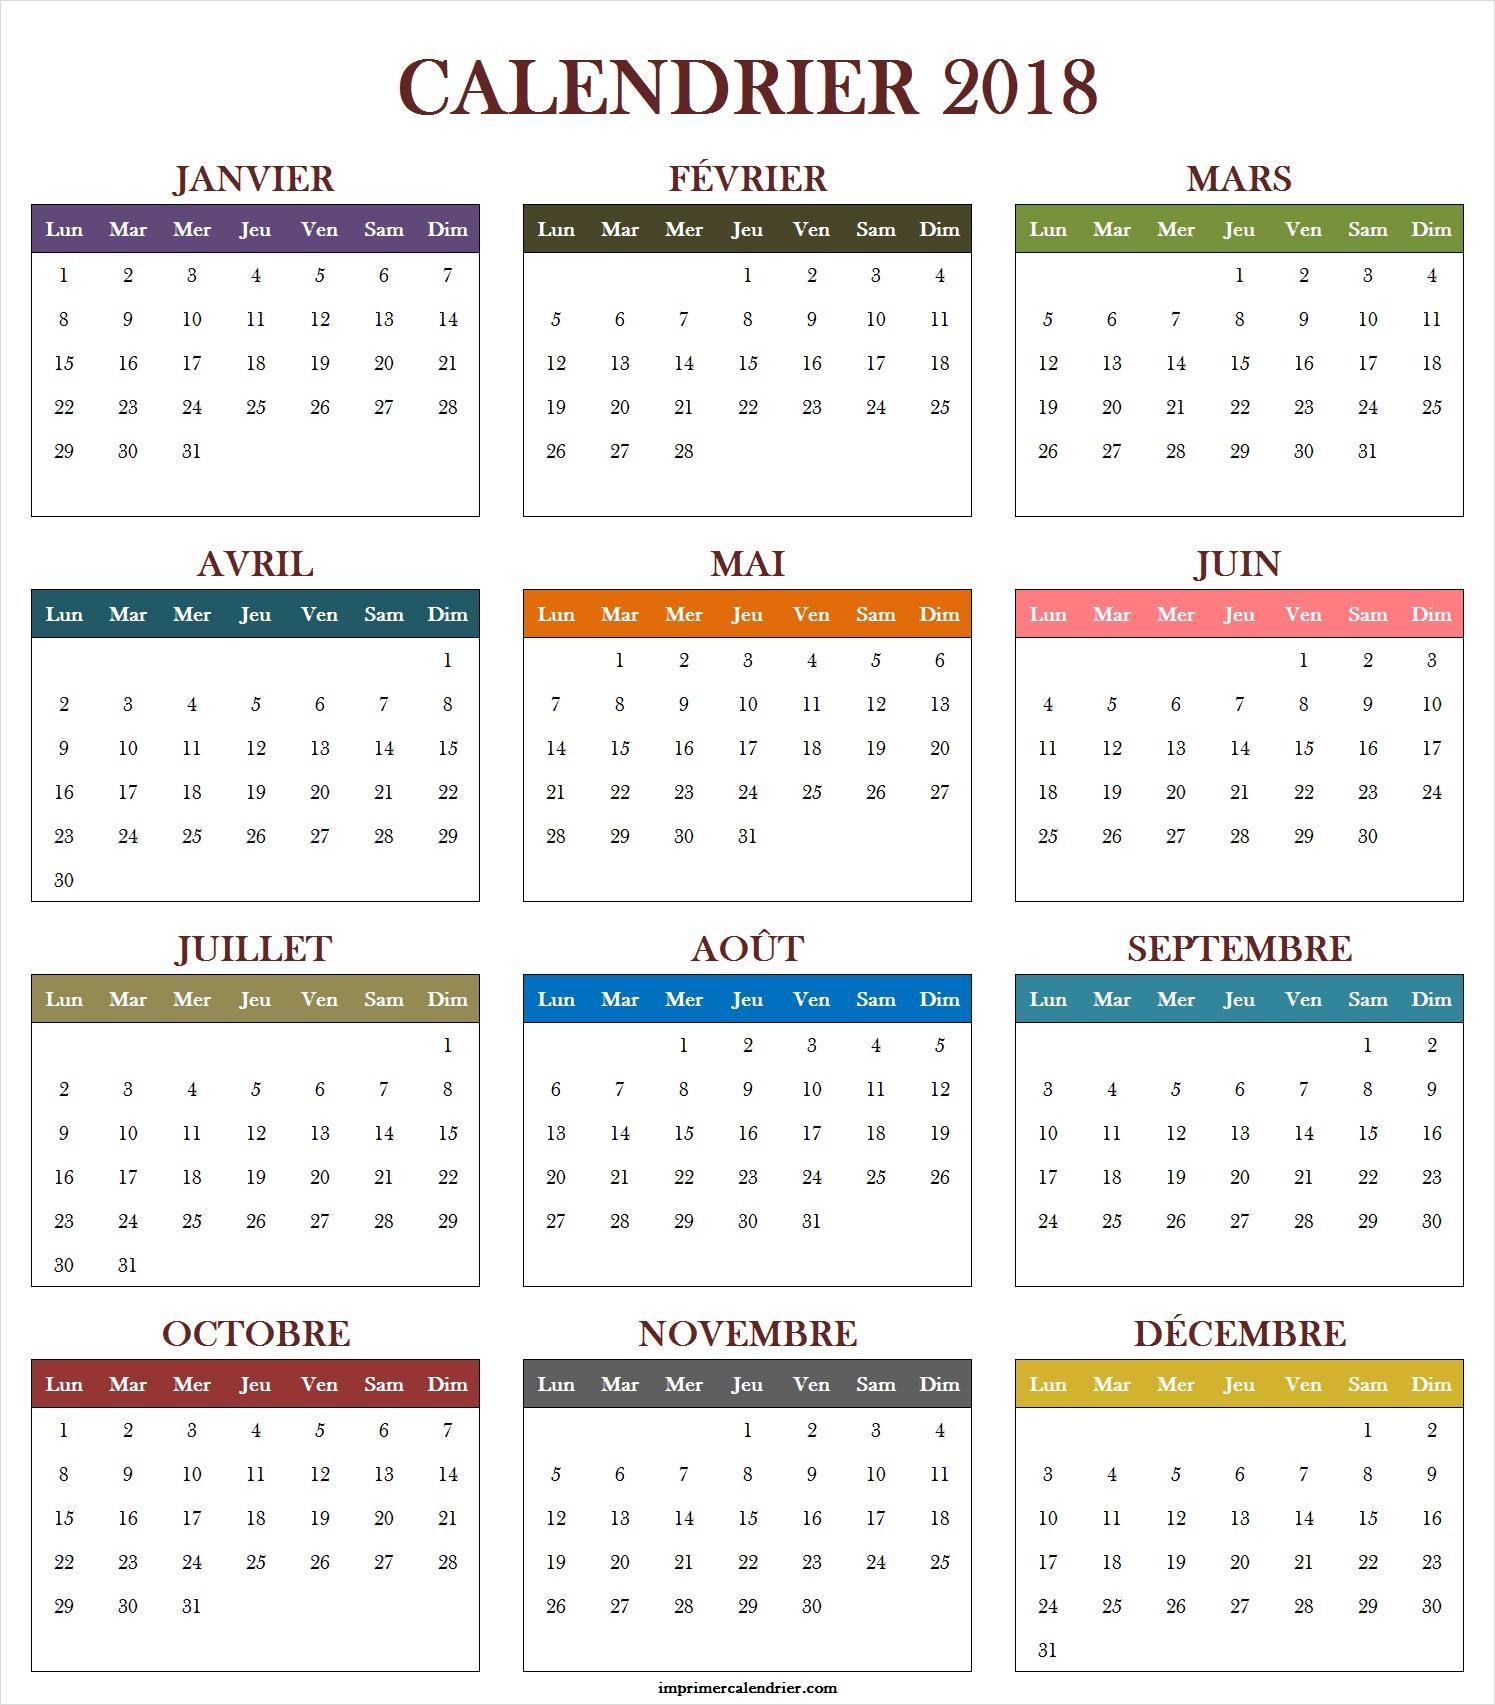 Calendrier 2018 Vierge | Calendrier 2018 Vierge À Imprimer intérieur Calendrier Annuel 2018 À Imprimer